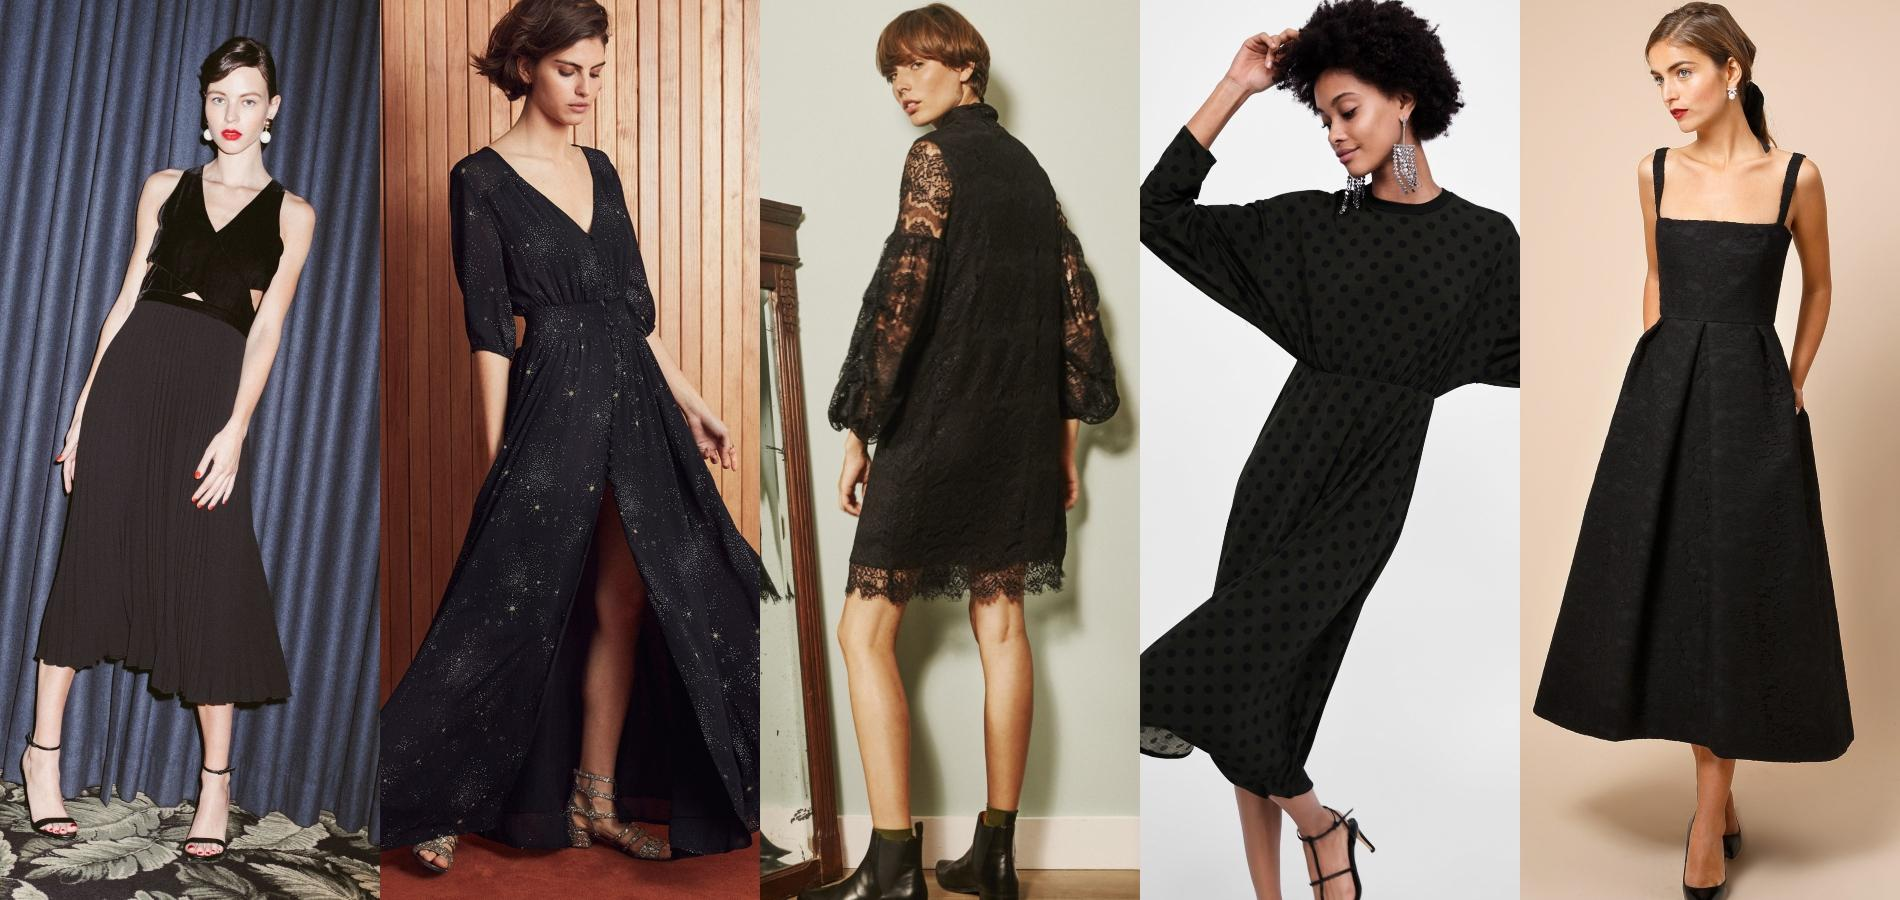 e491b67d3a2 La robe noire reste un incontournable du dressing féminin. De gauche à  droite   Idano